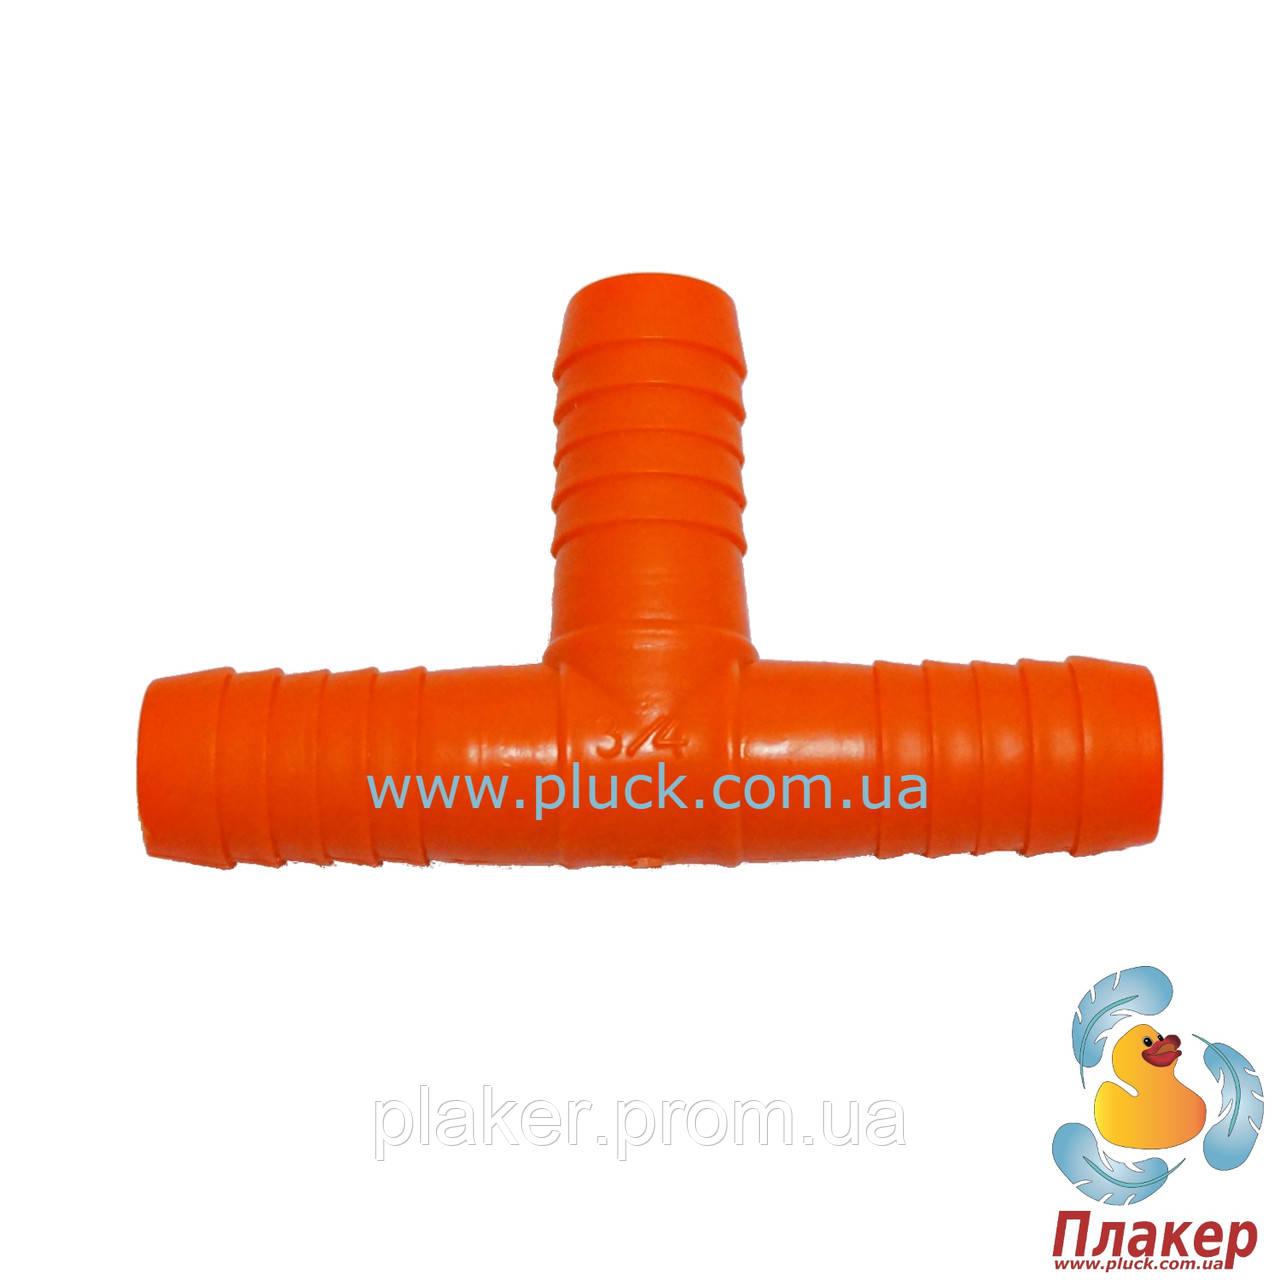 Тройник под шланг 20 мм пластик